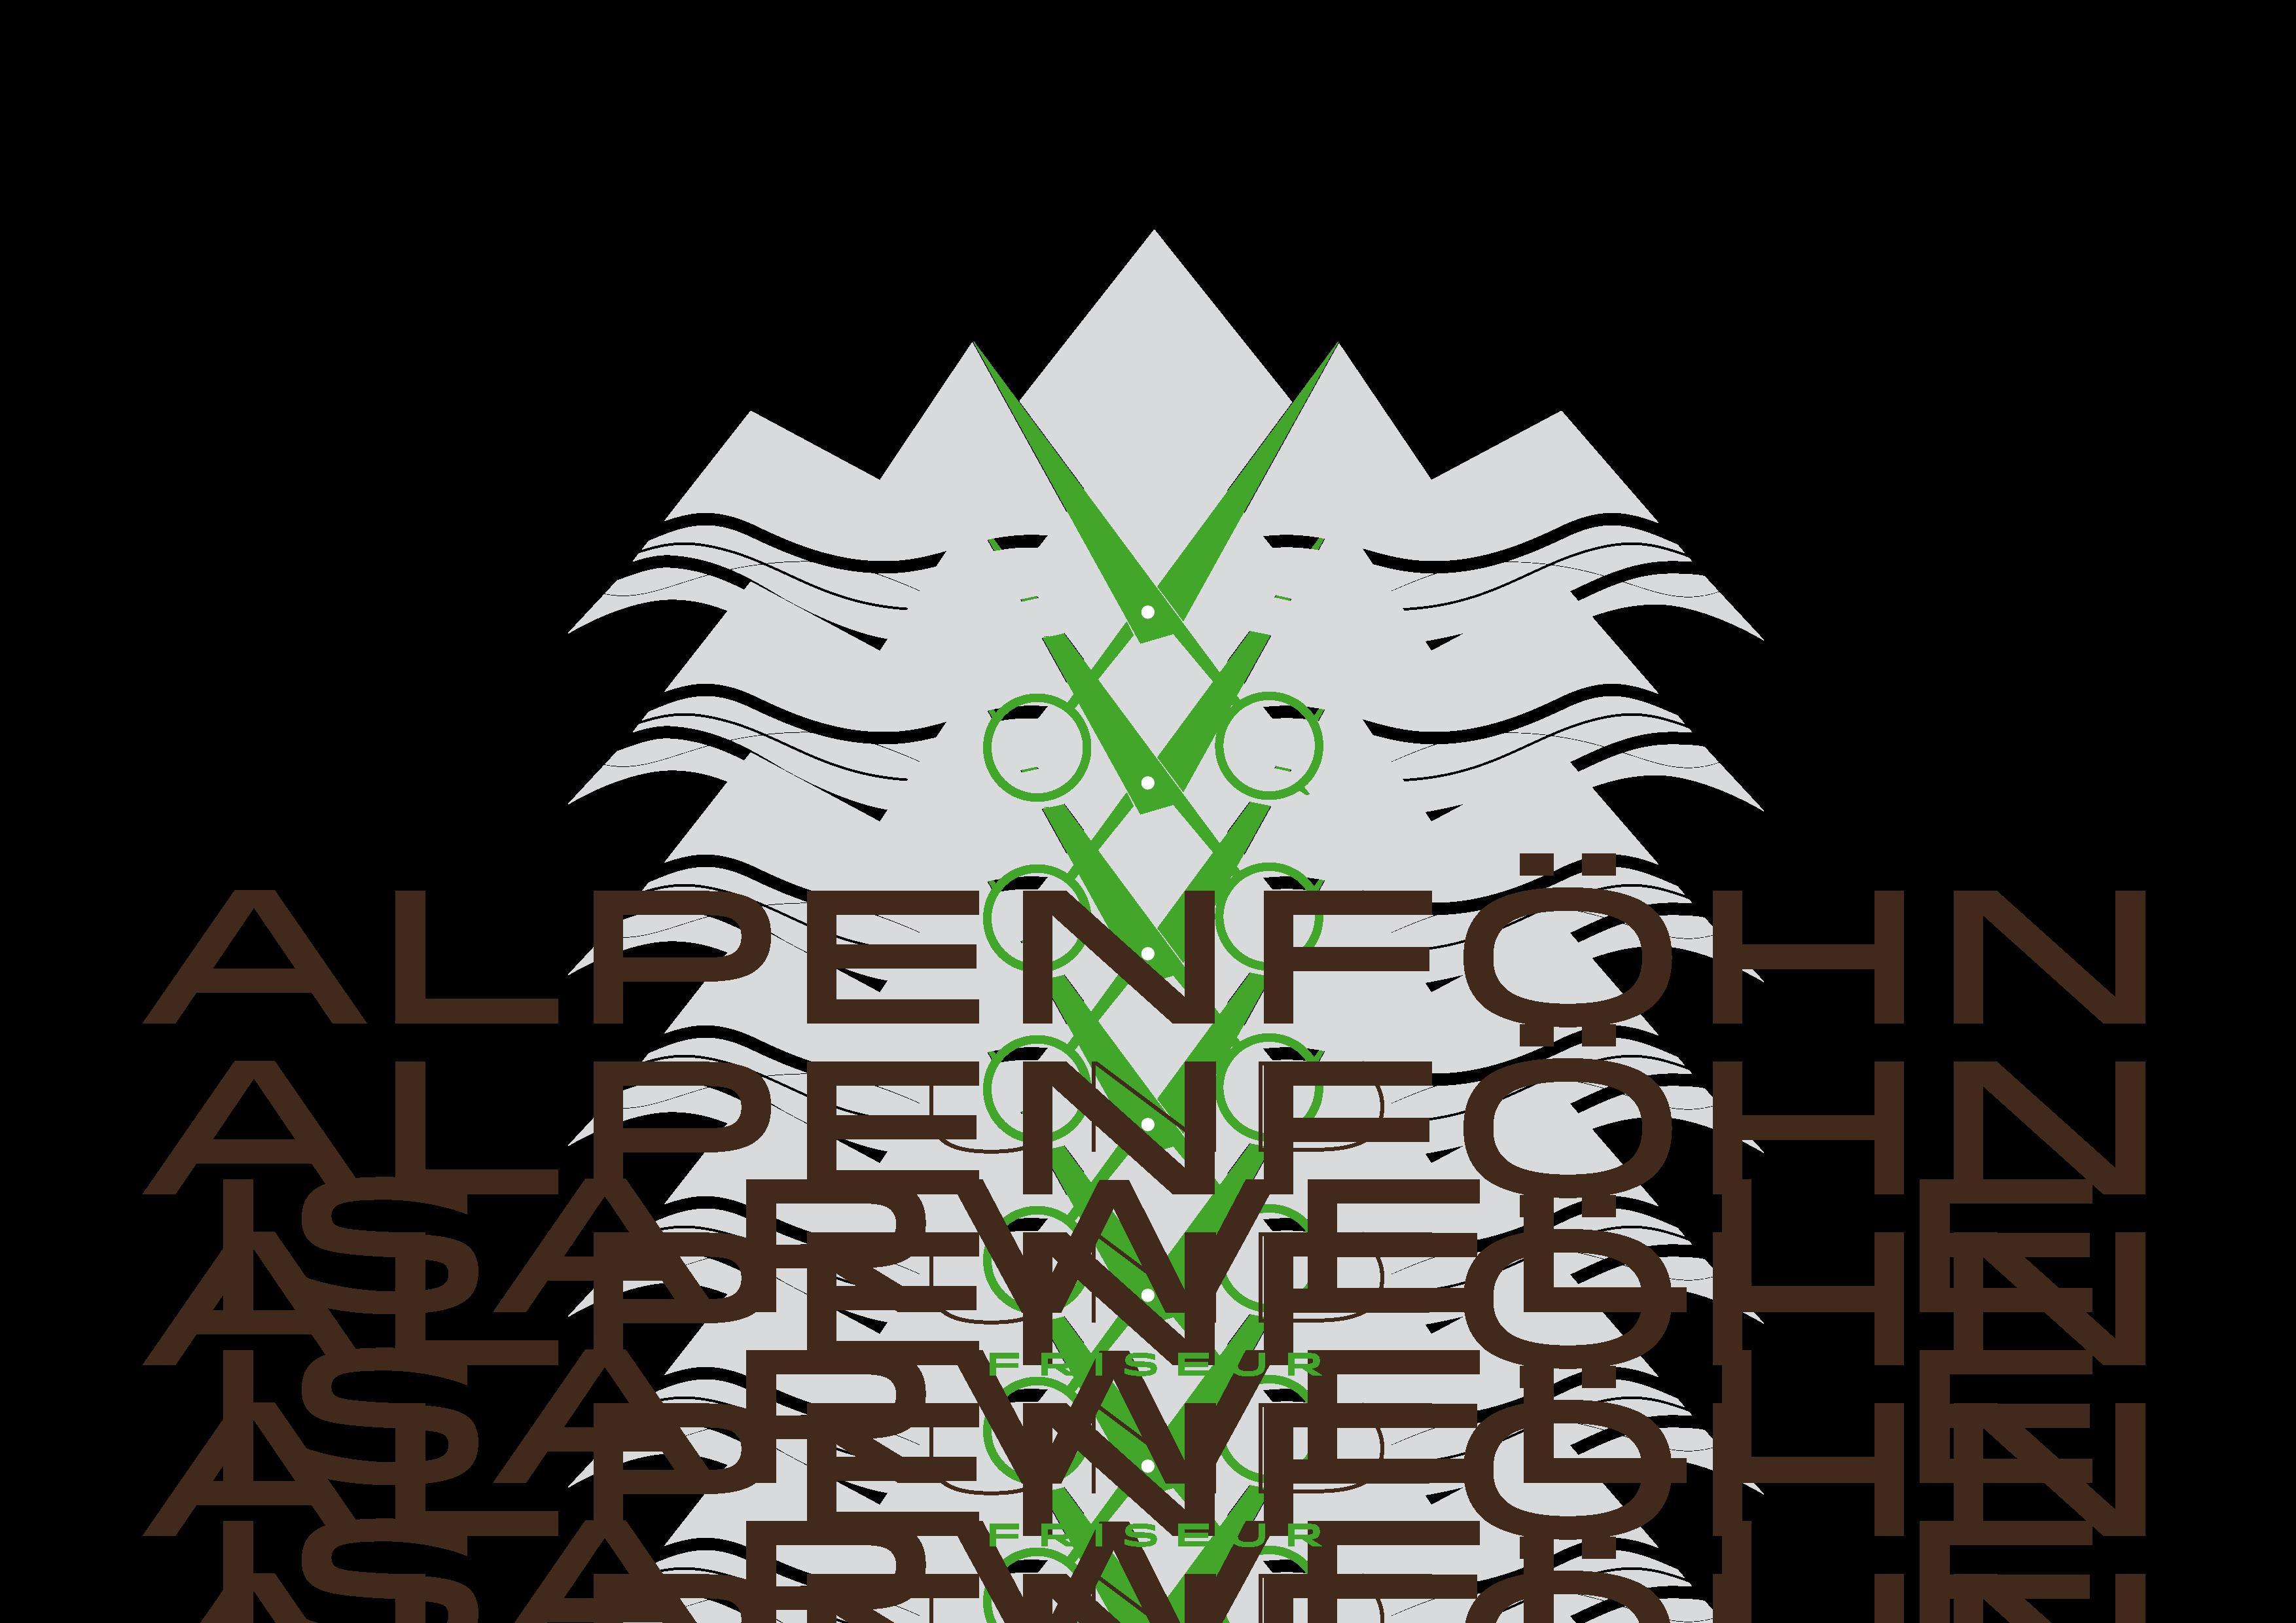 Alpenföhn und Isarwelle